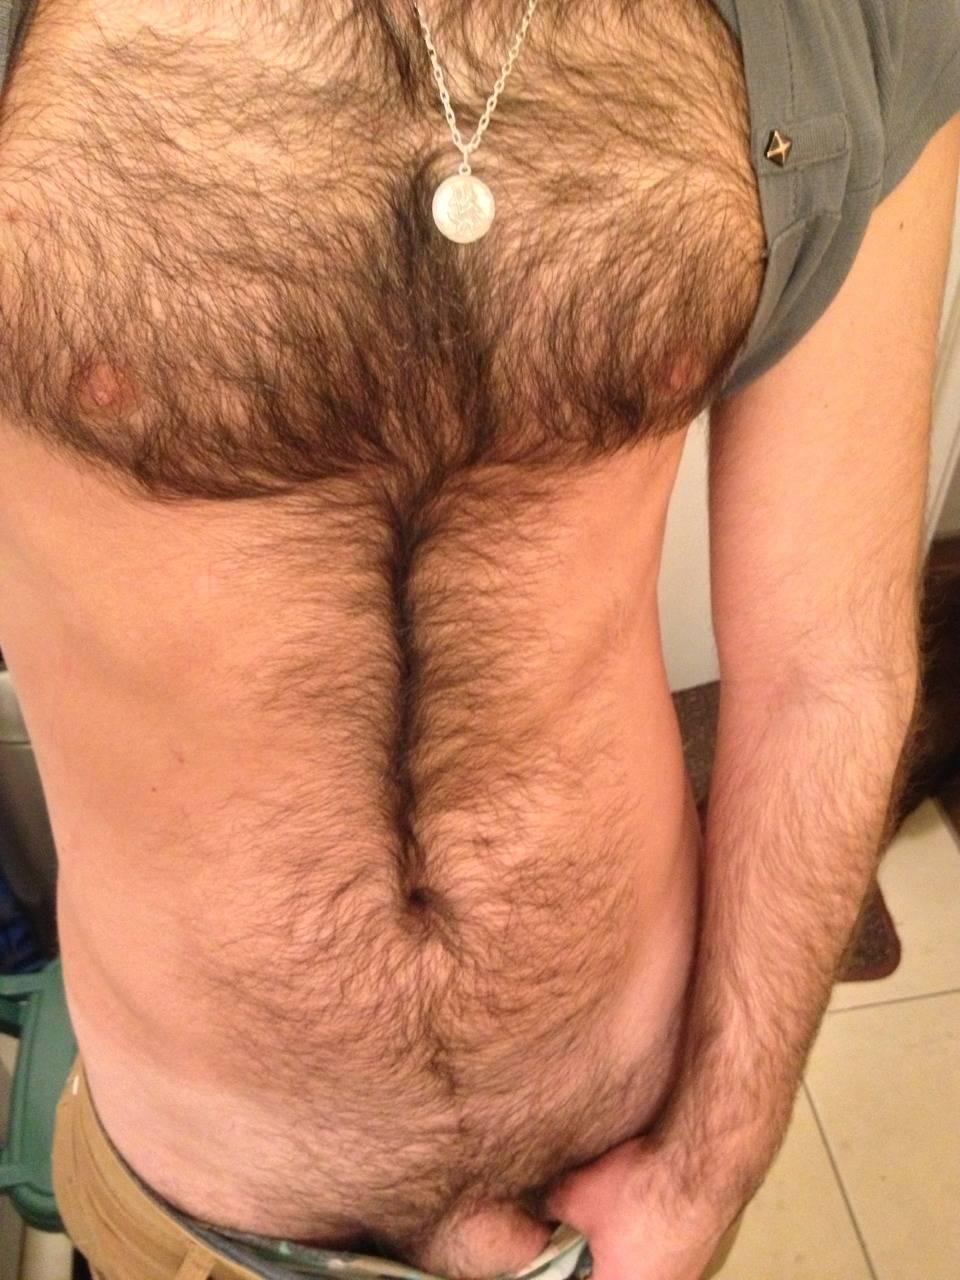 Русский домашний секс мужчин с волосатой грудью 14 фотография